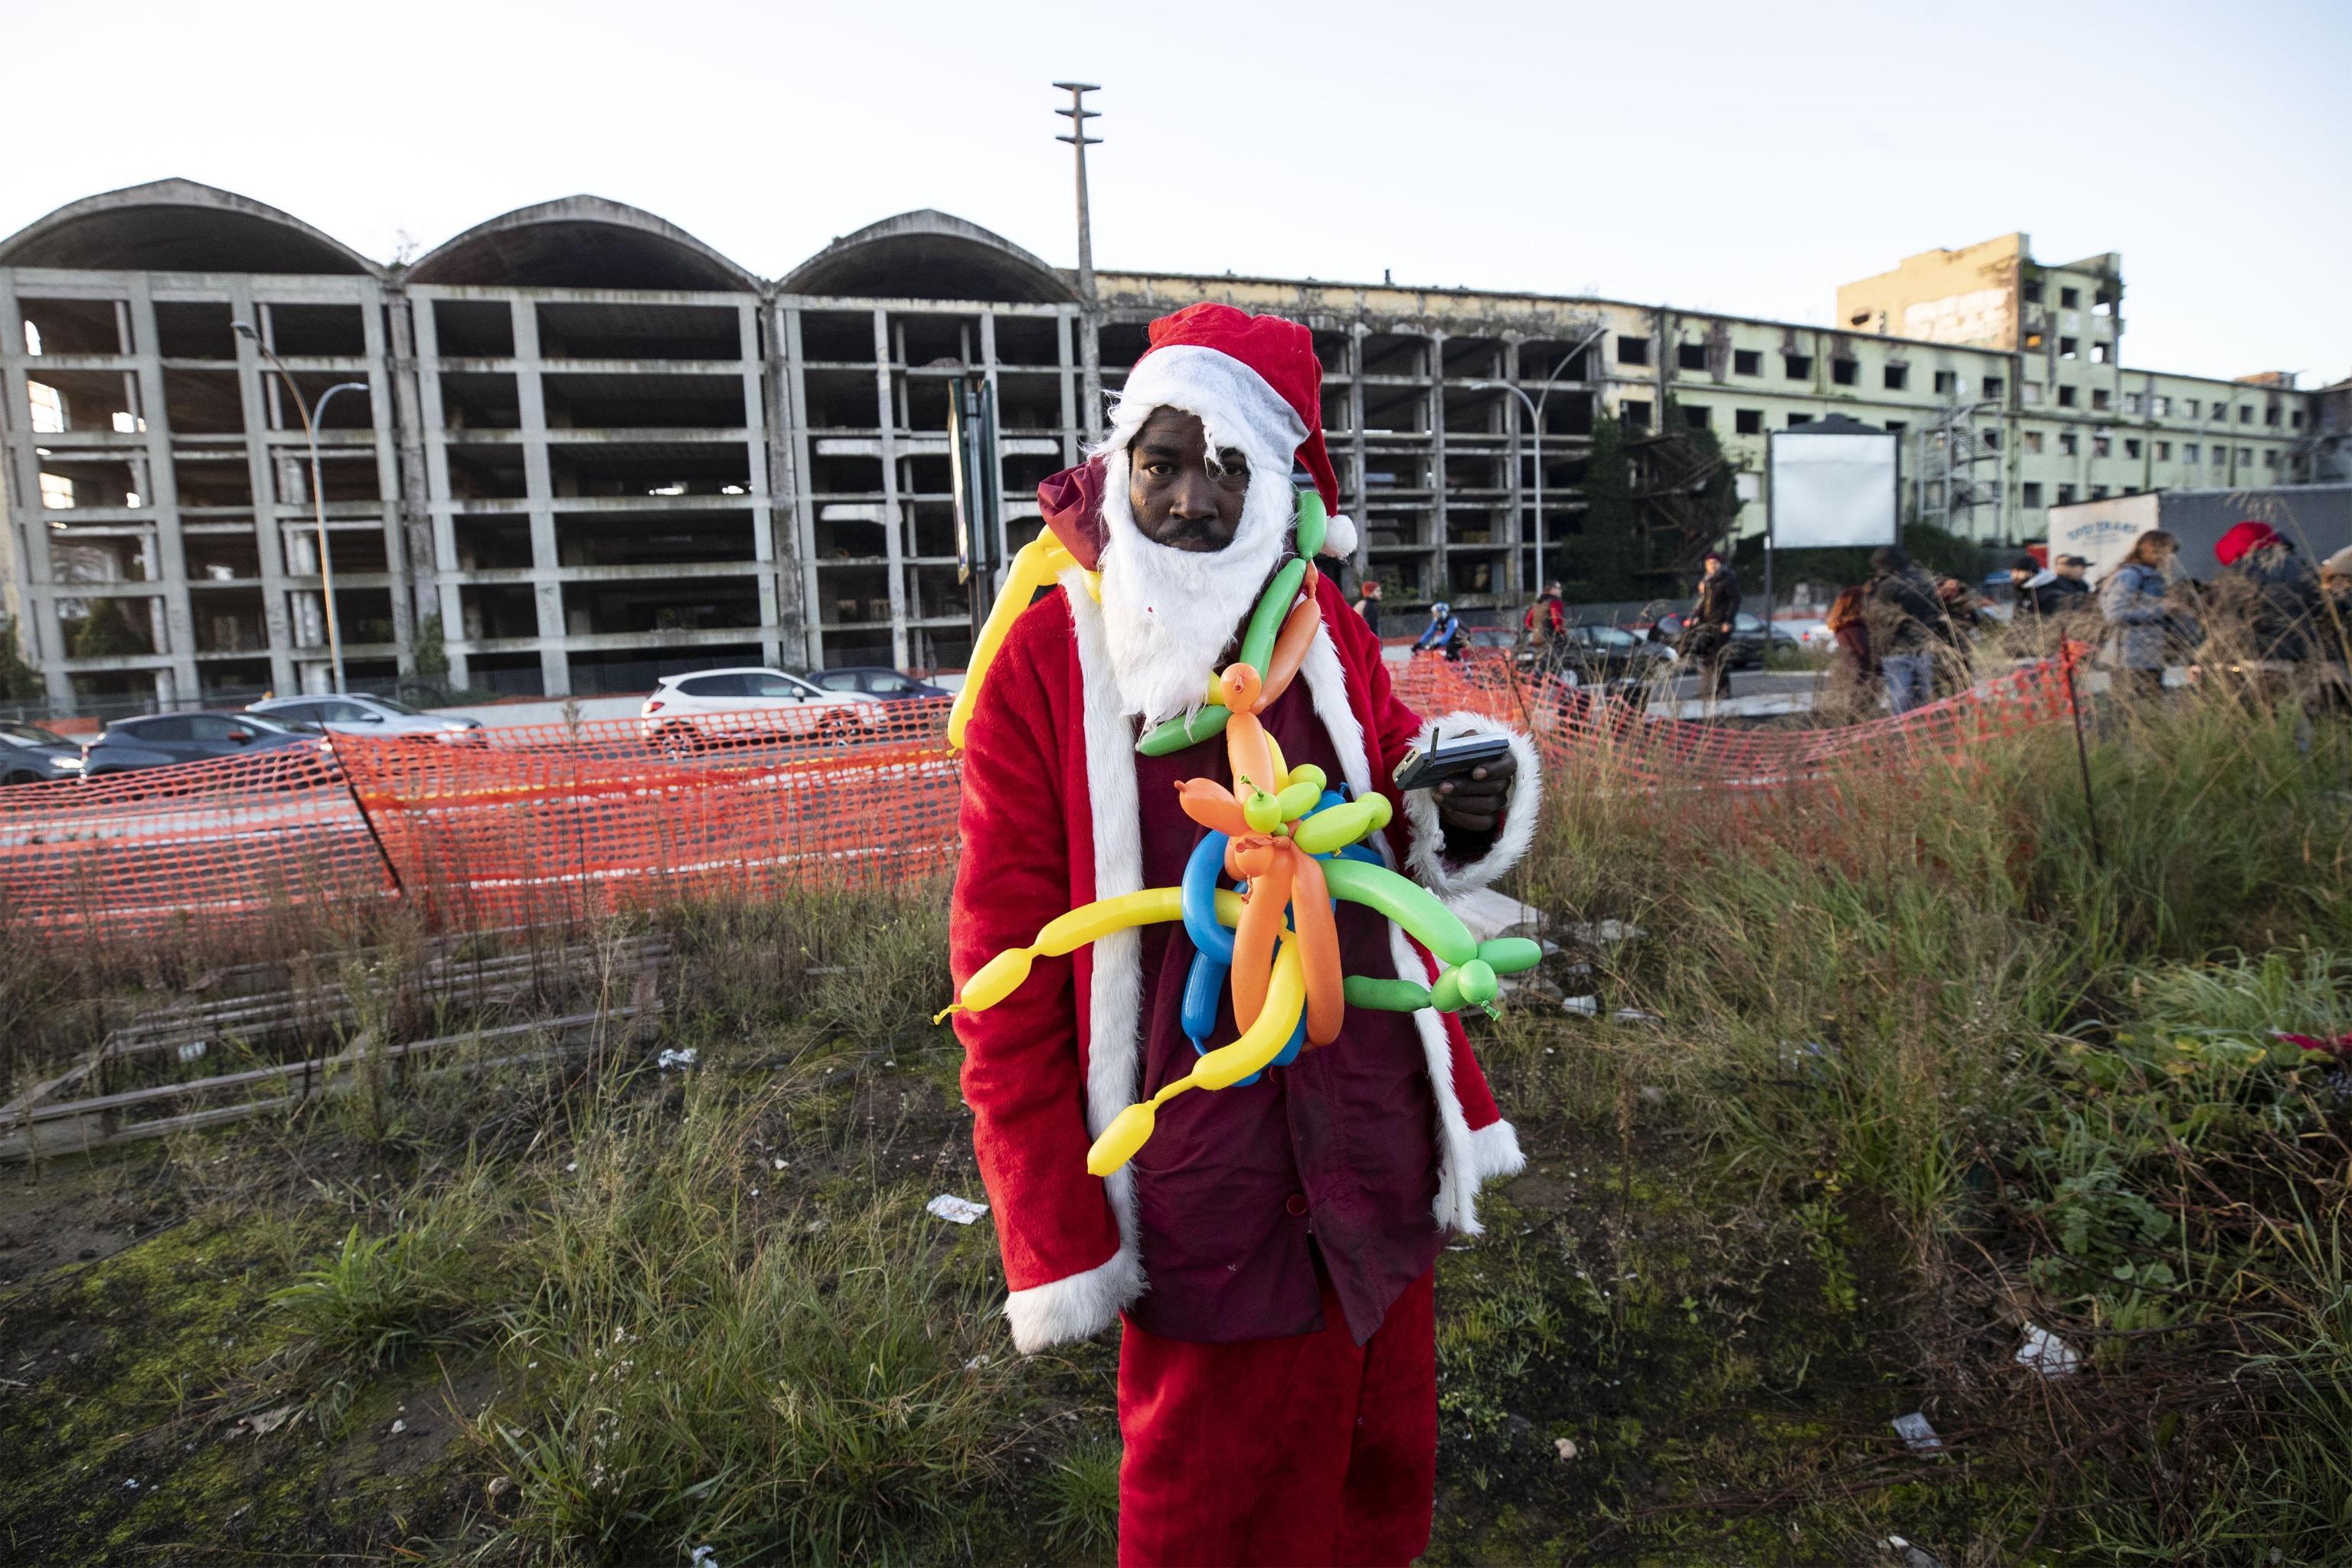 Un abitante vestito da Babbo Natale, presente nei pressi dell'ex fabbrica di penicillina sgomberata a Roma